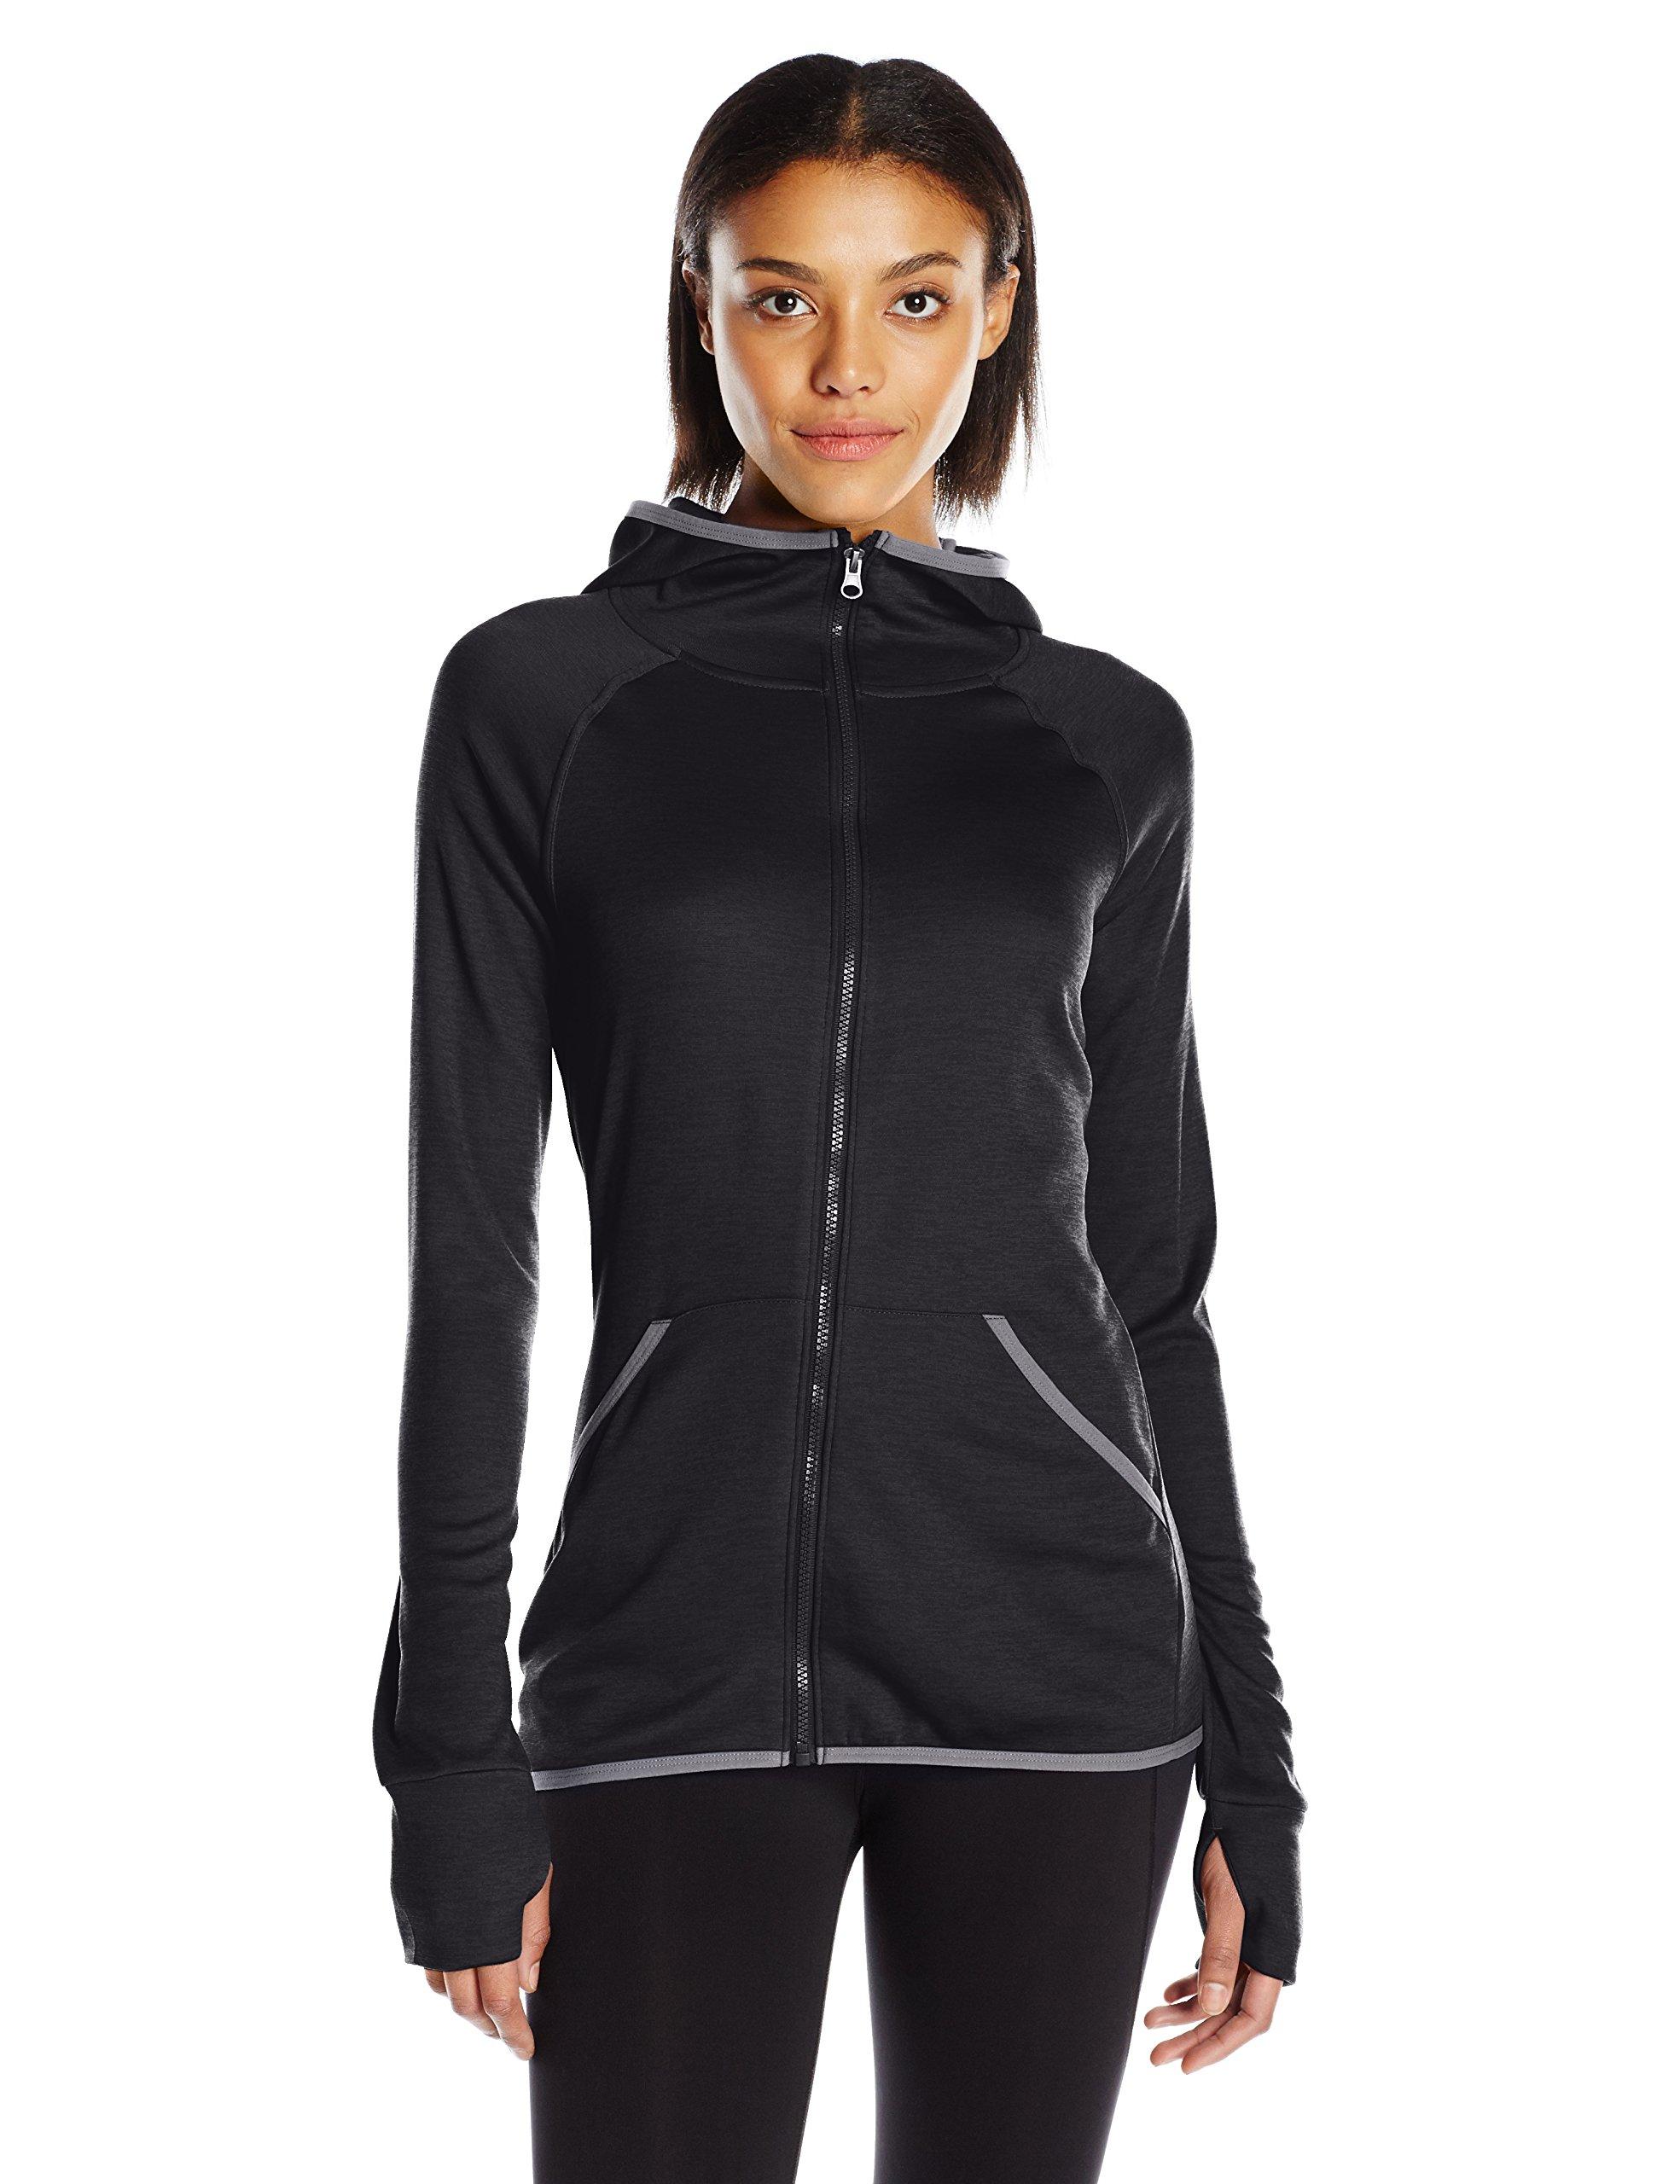 Hanes Women's Sport Performance Fleece Full Zip Hoodie, Black Heather/Dada Grey Binding, M